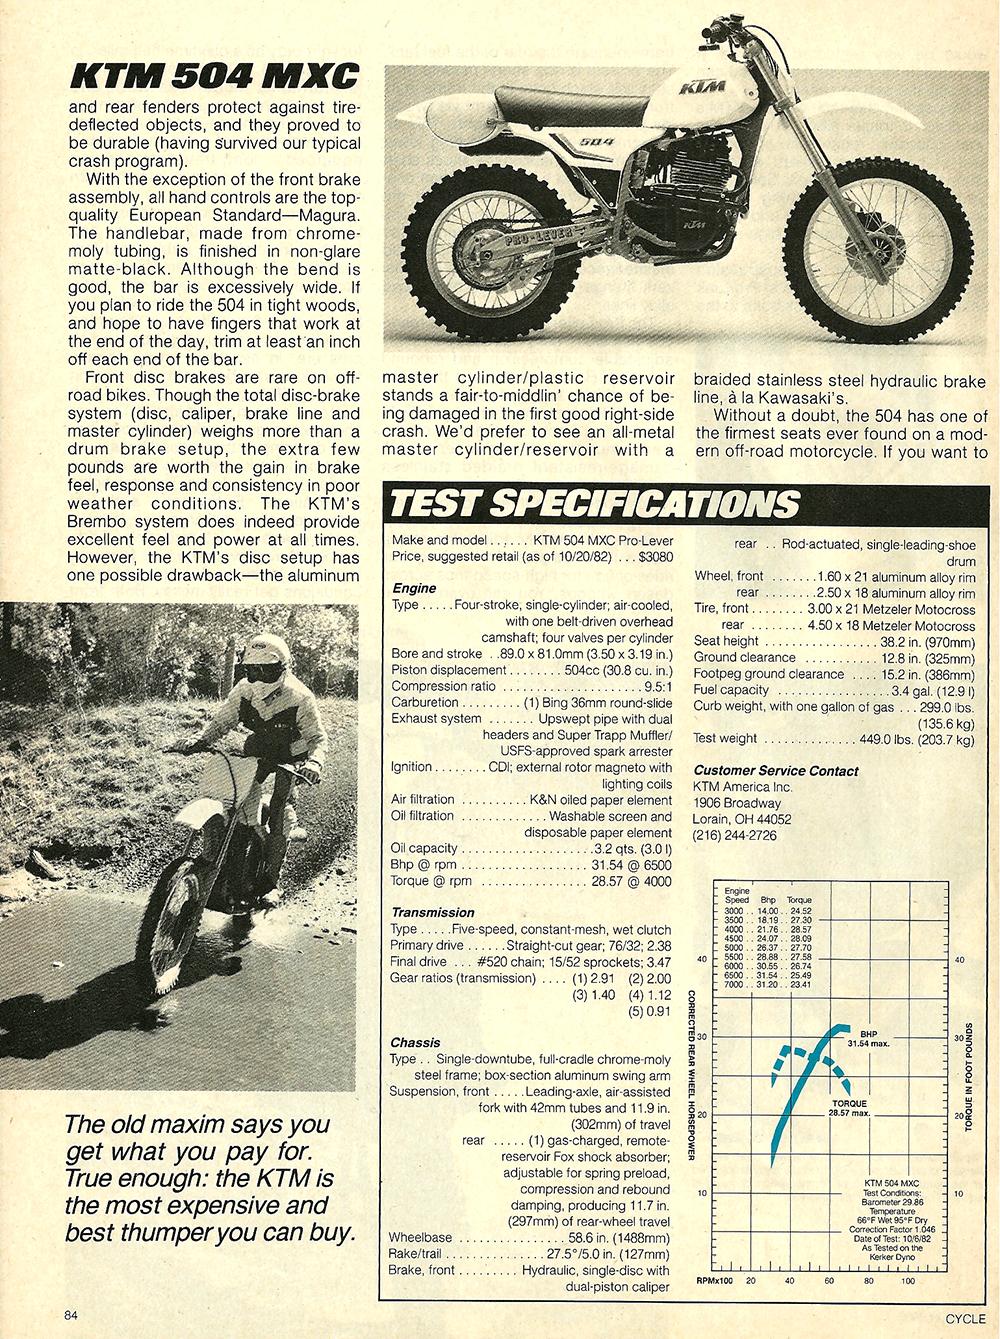 1983 KTM 504 MXC road test 7.jpg